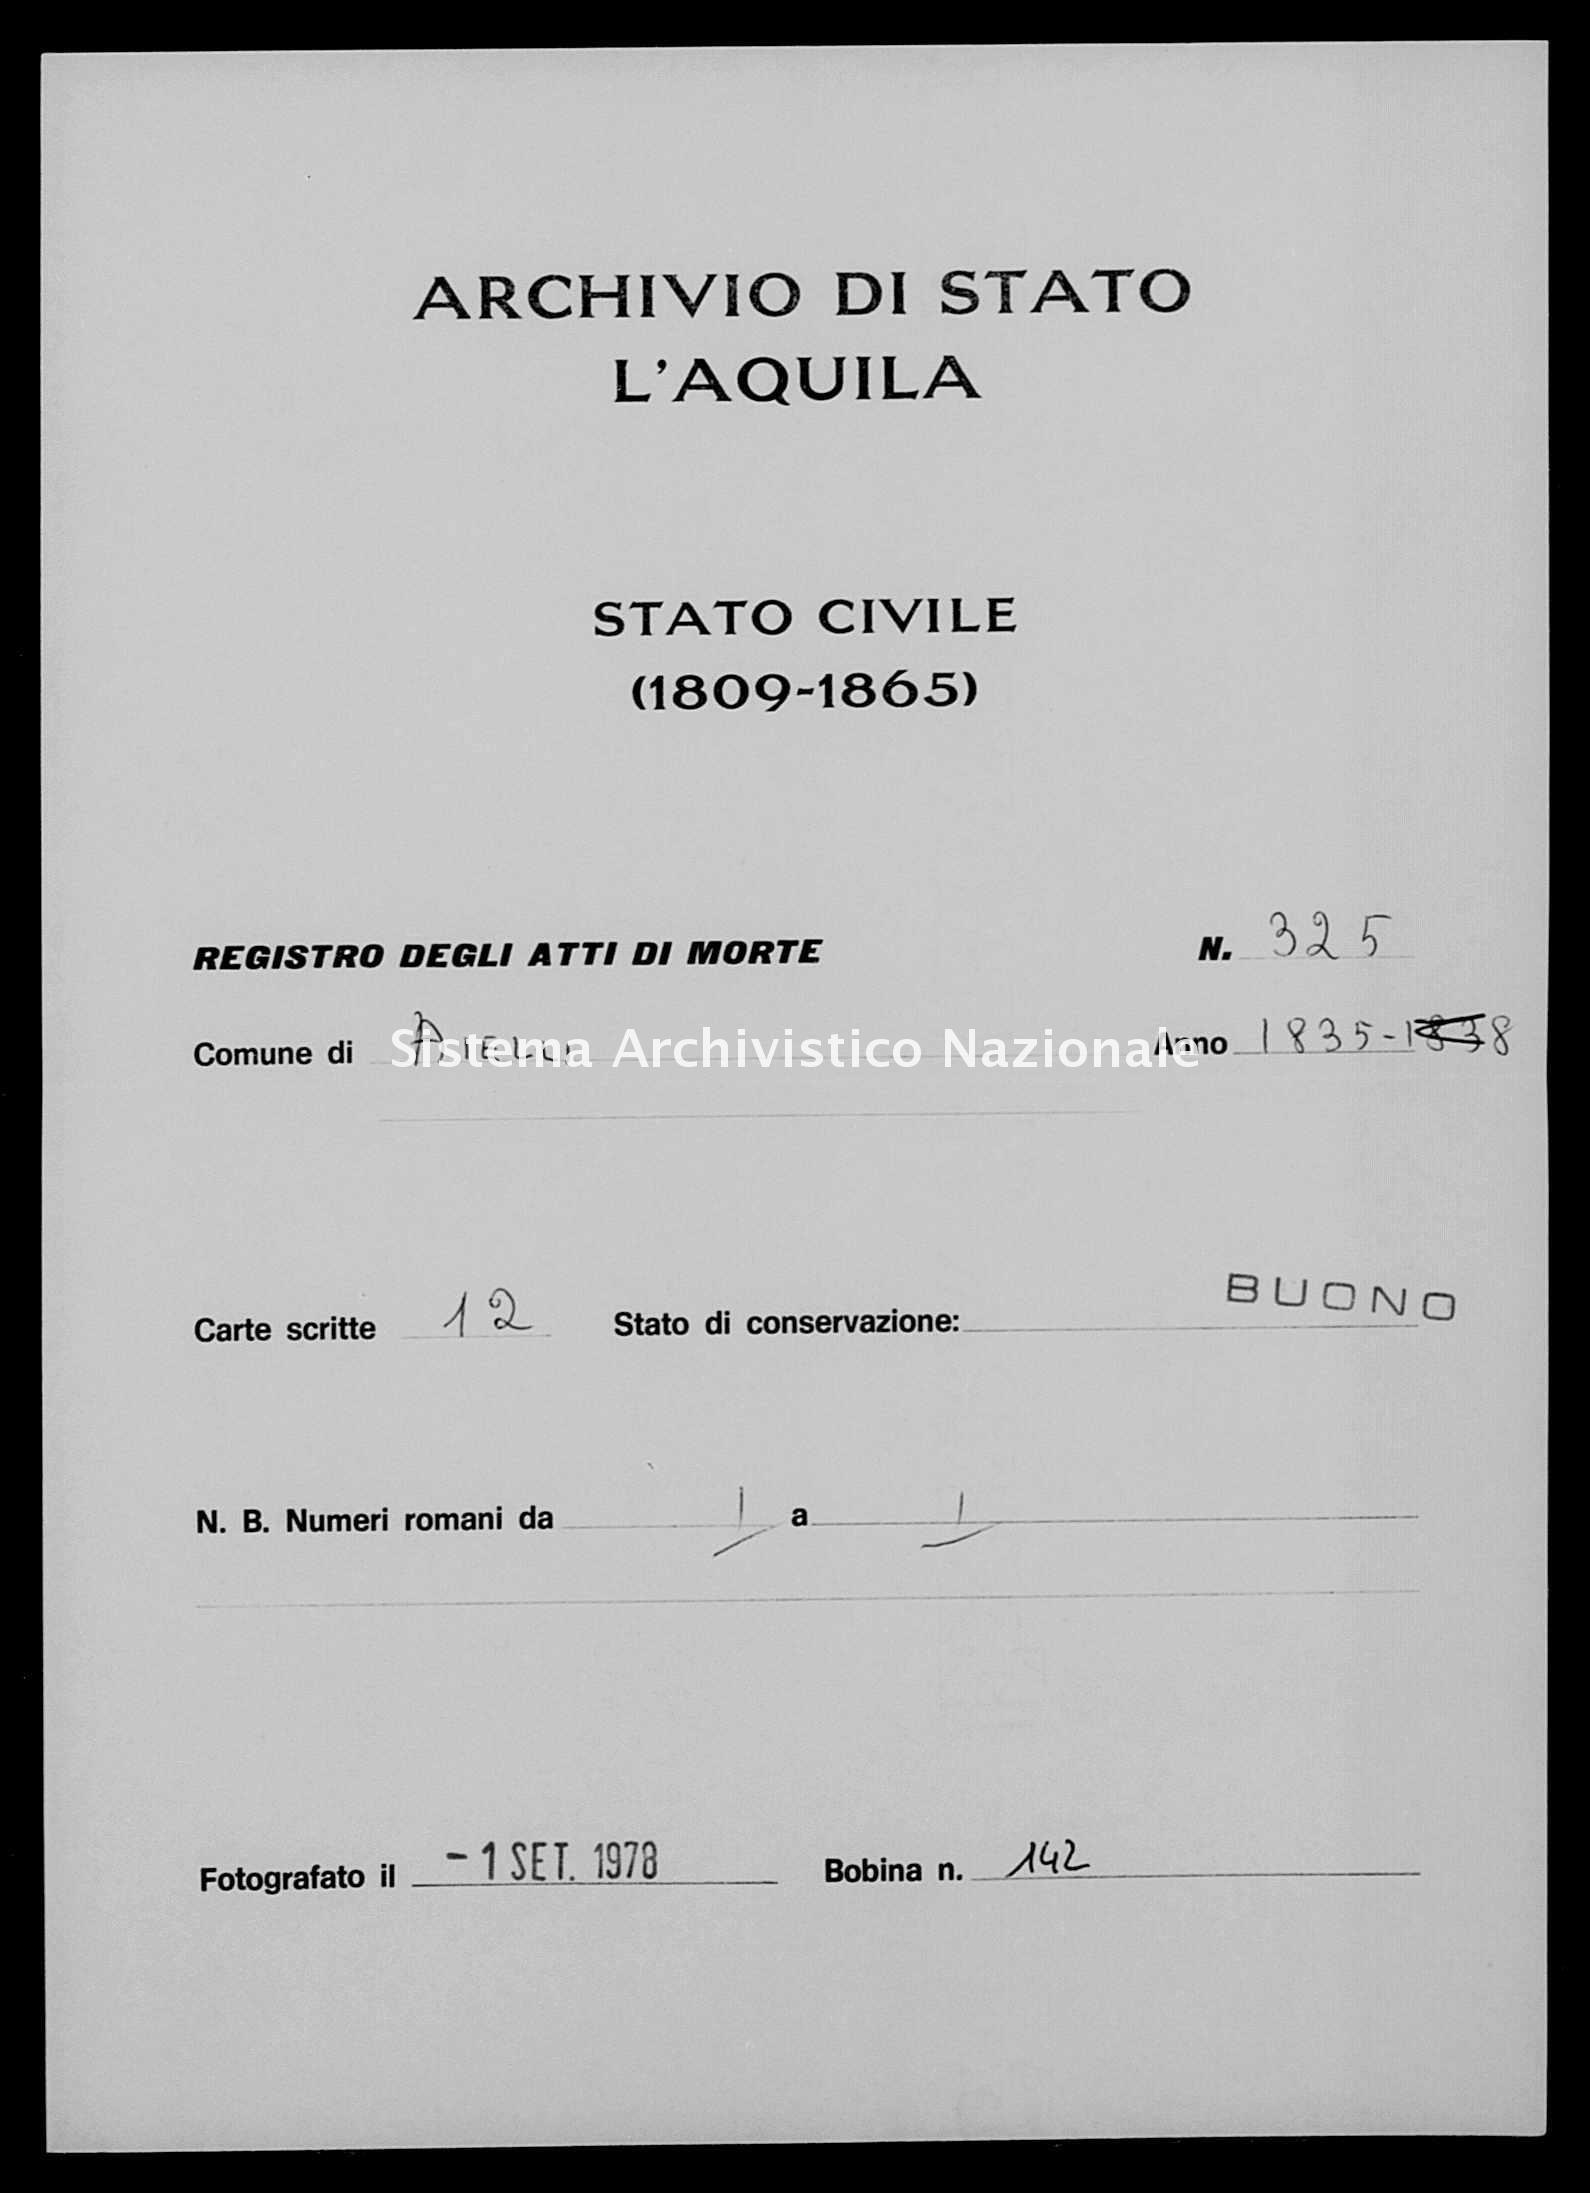 Archivio di stato di L'aquila - Stato civile della restaurazione - Aielli - Morti - 1835 - 325 -